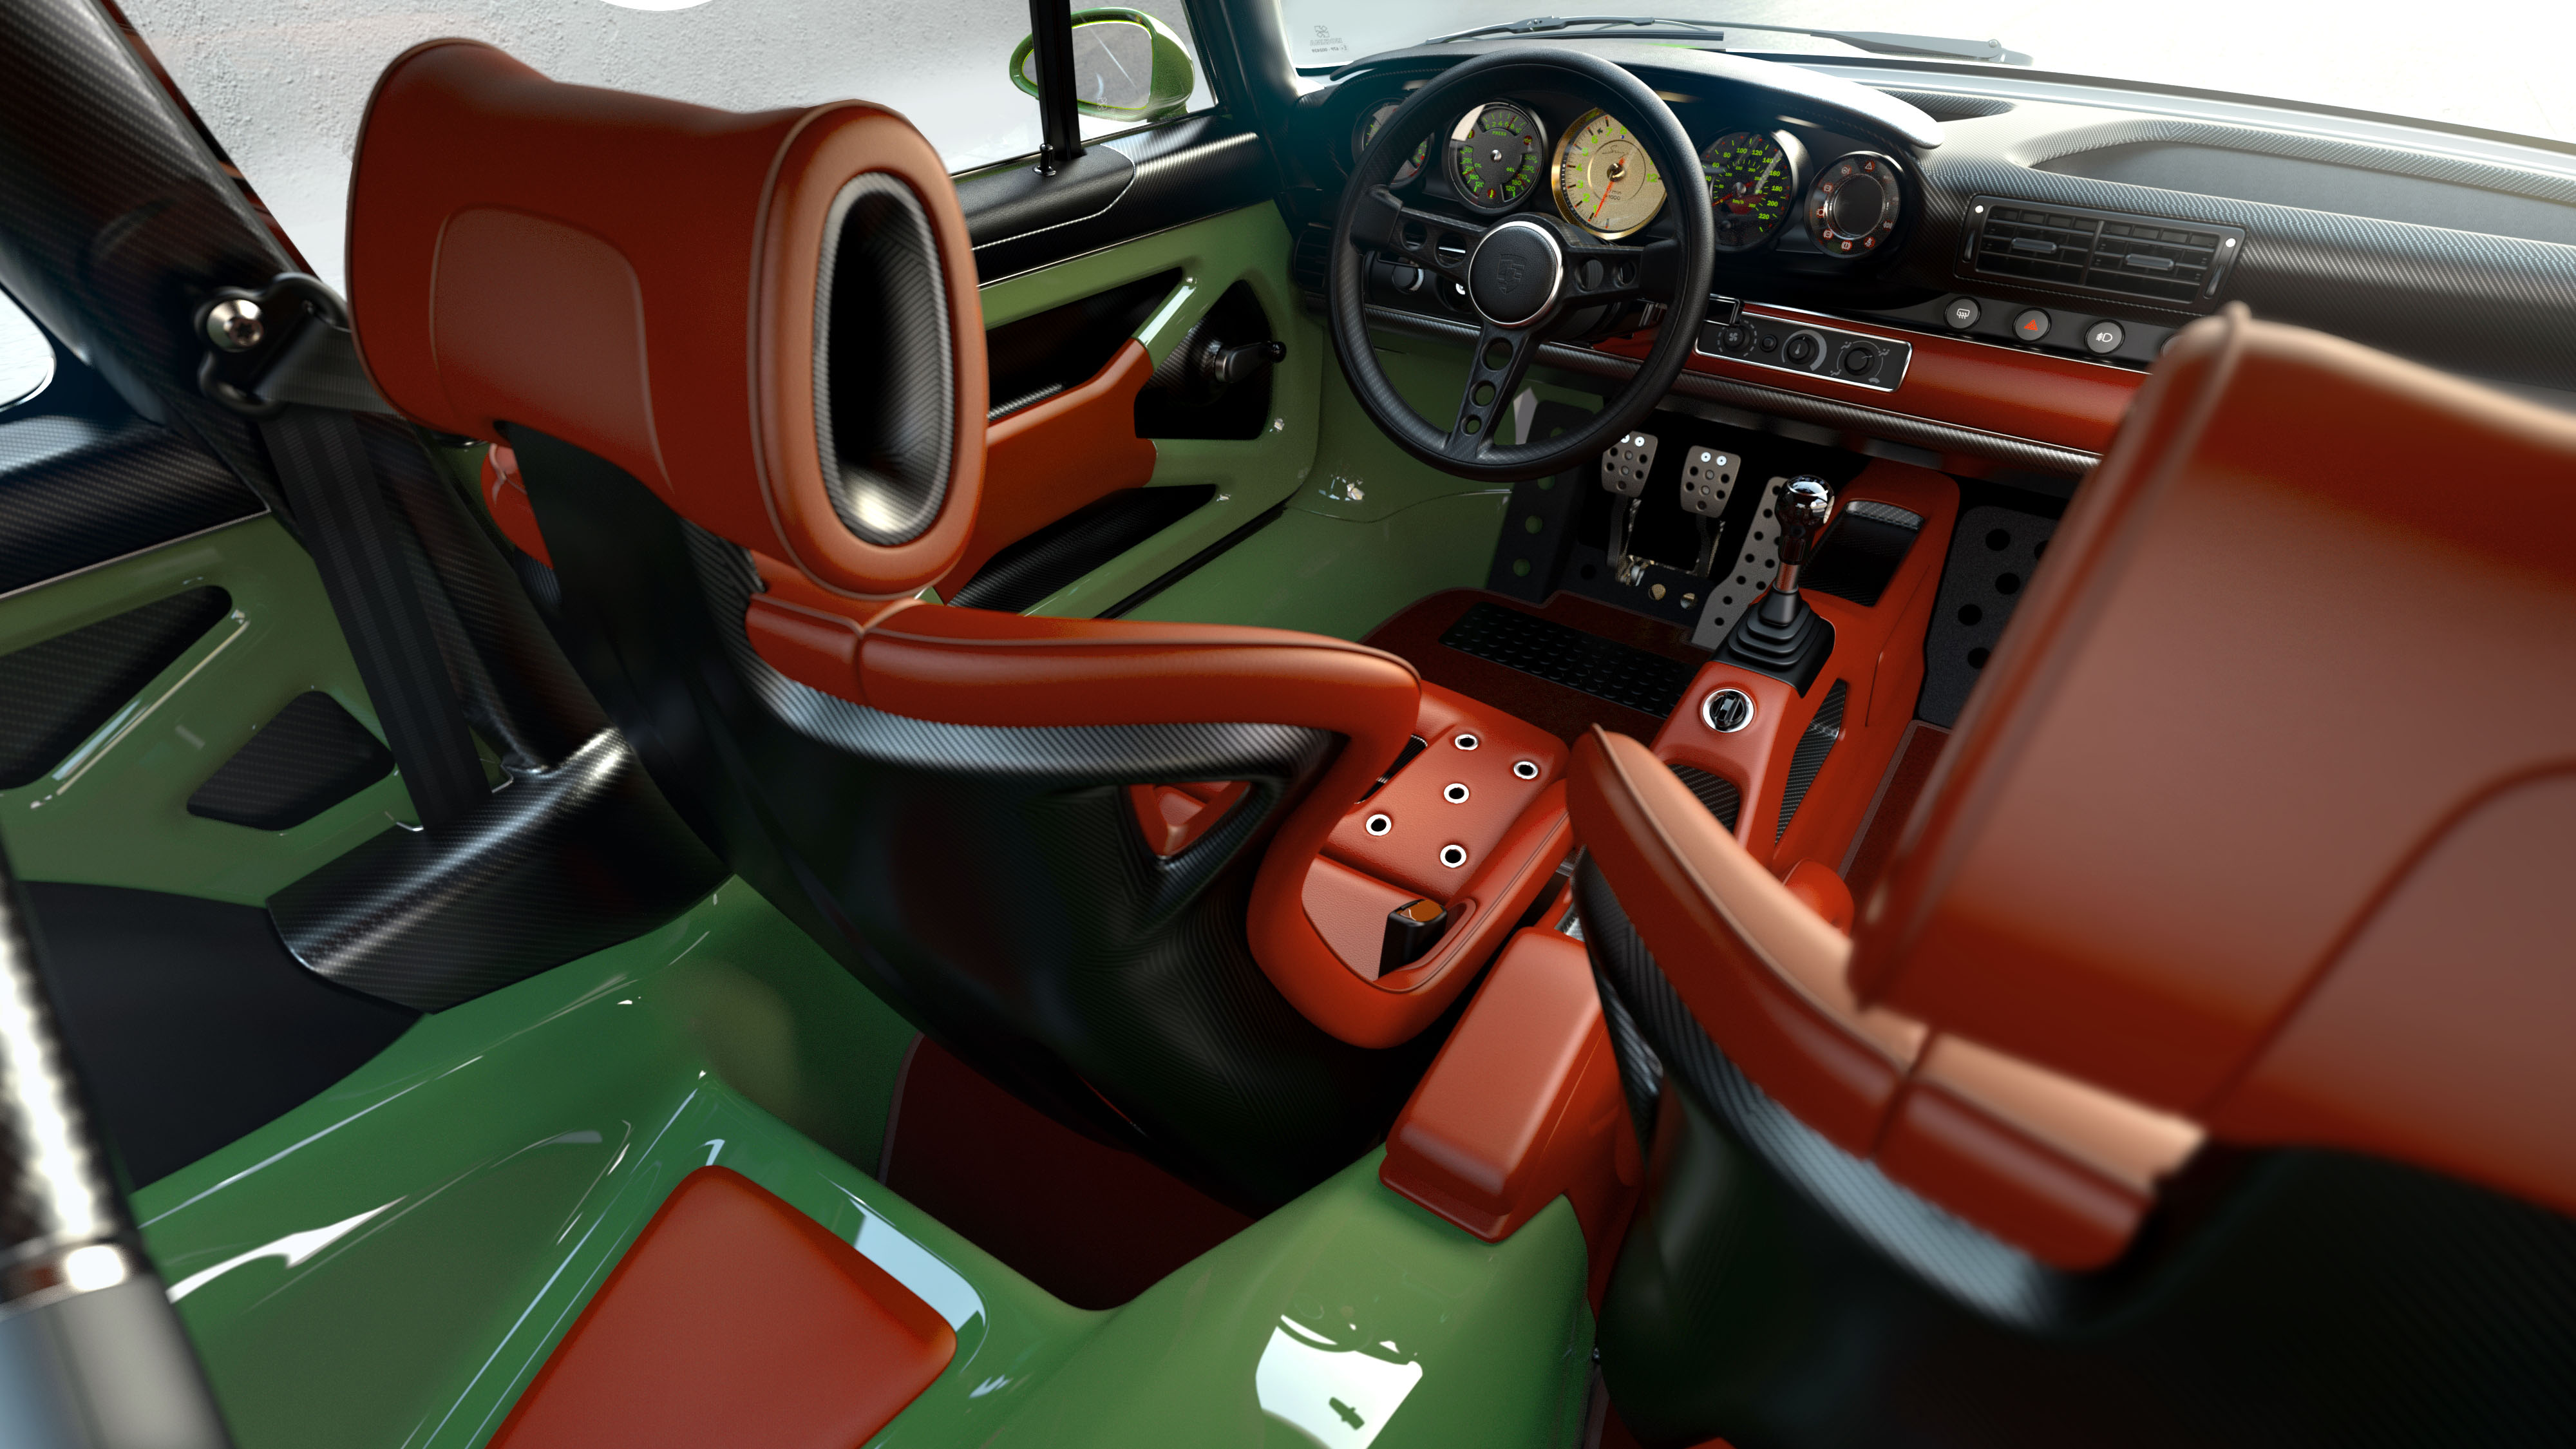 Porsche 911 restored by Singer & Williams interior